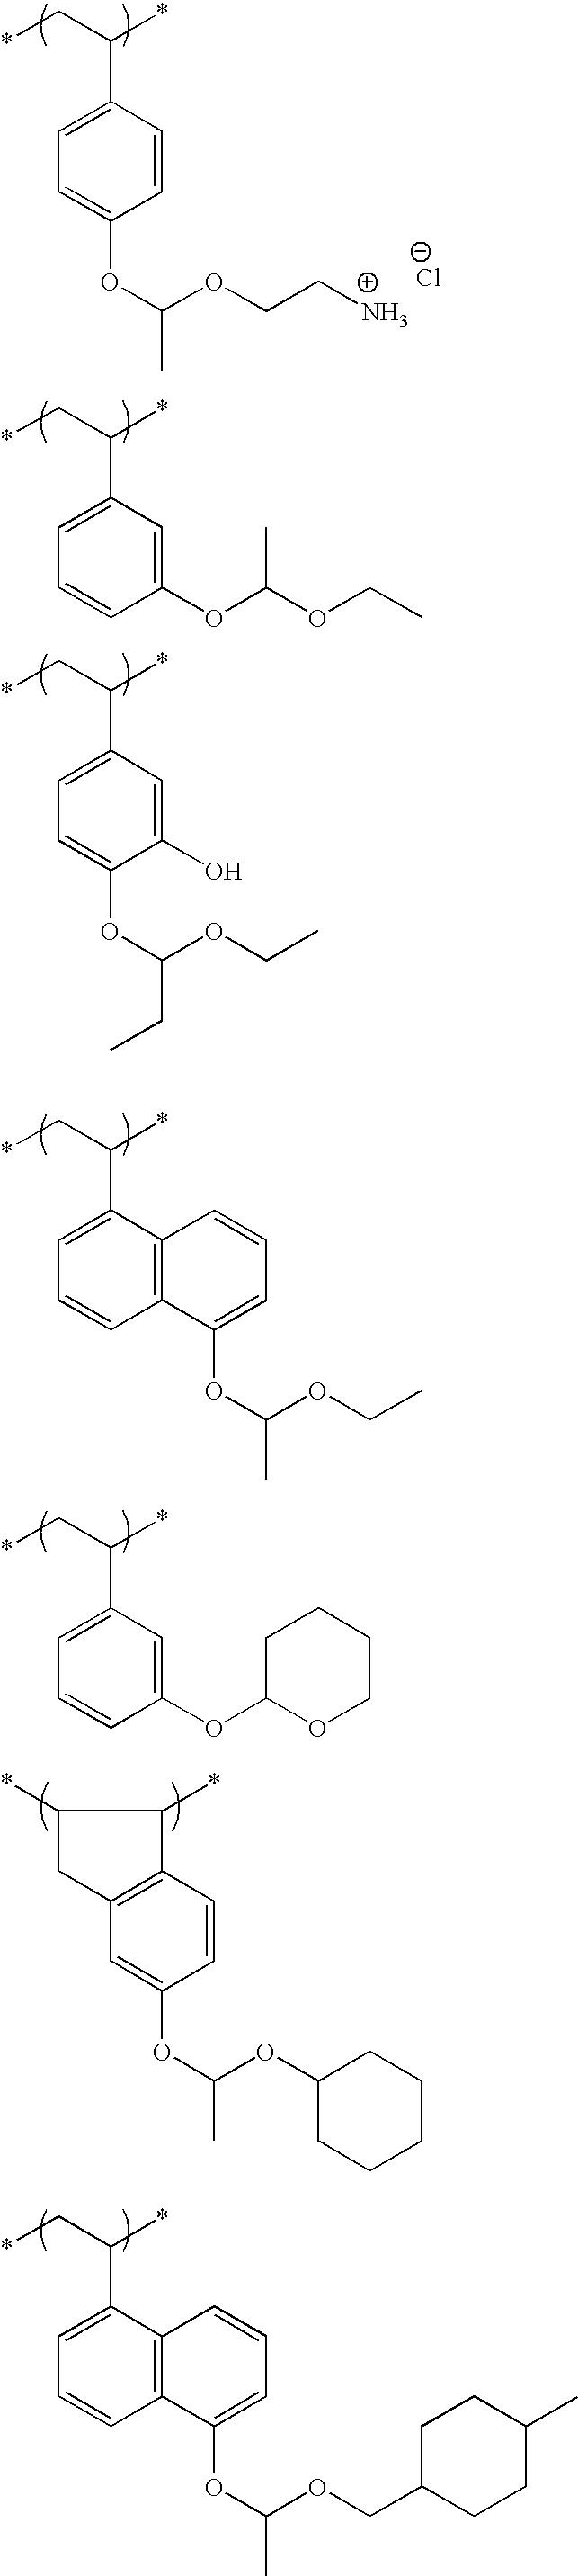 Figure US08852845-20141007-C00097